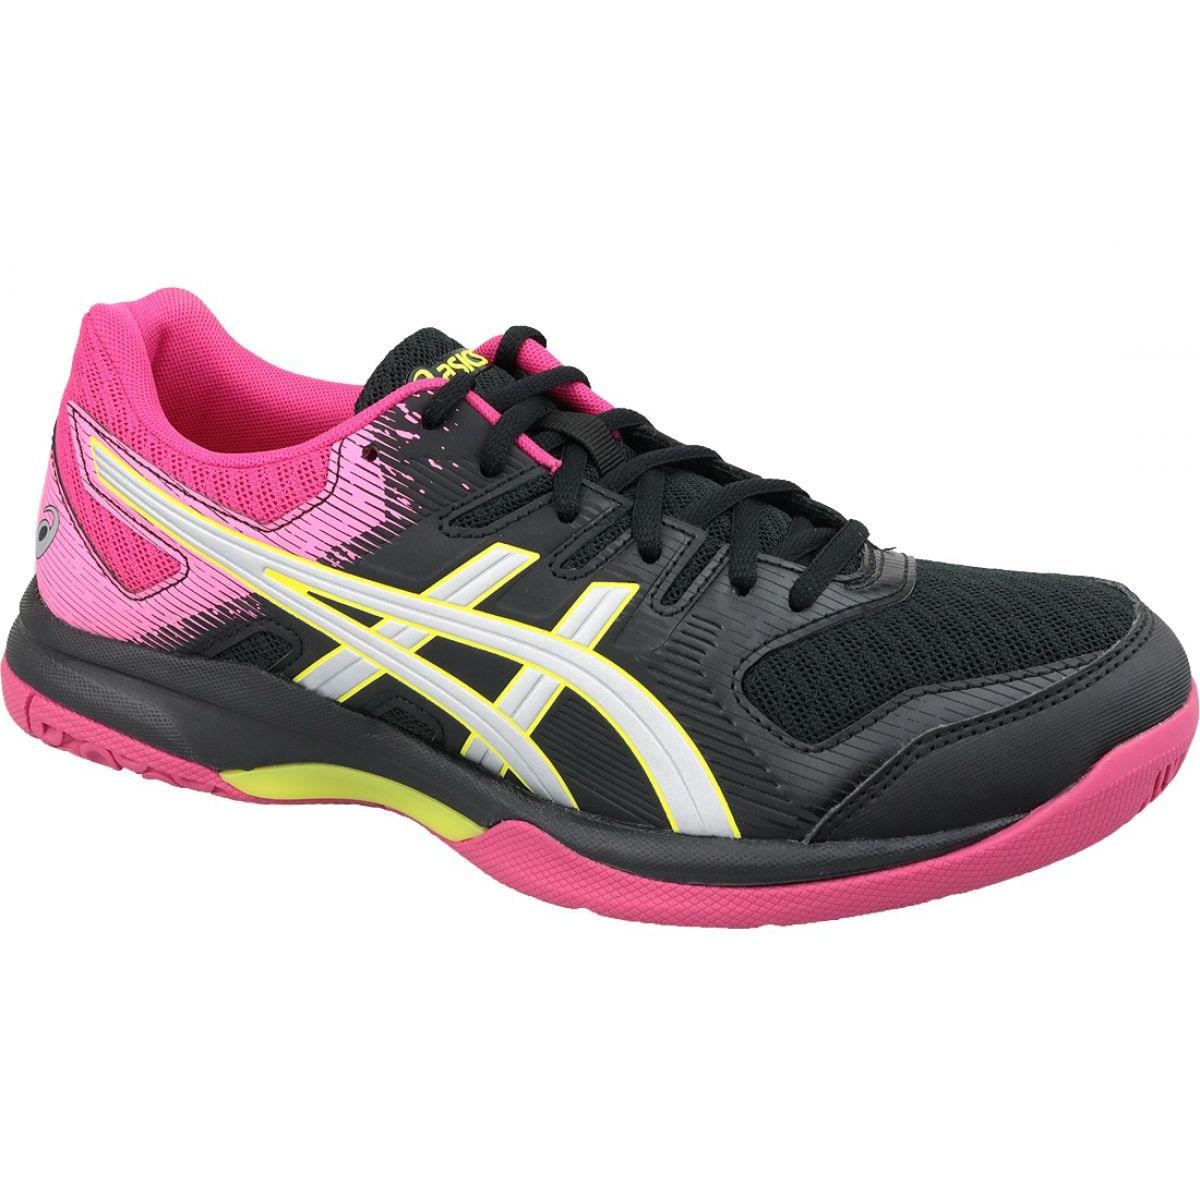 Dettagli su Chaussures de volleyball Asics Gel Rocket 9 W 1072A034 002 noir noir